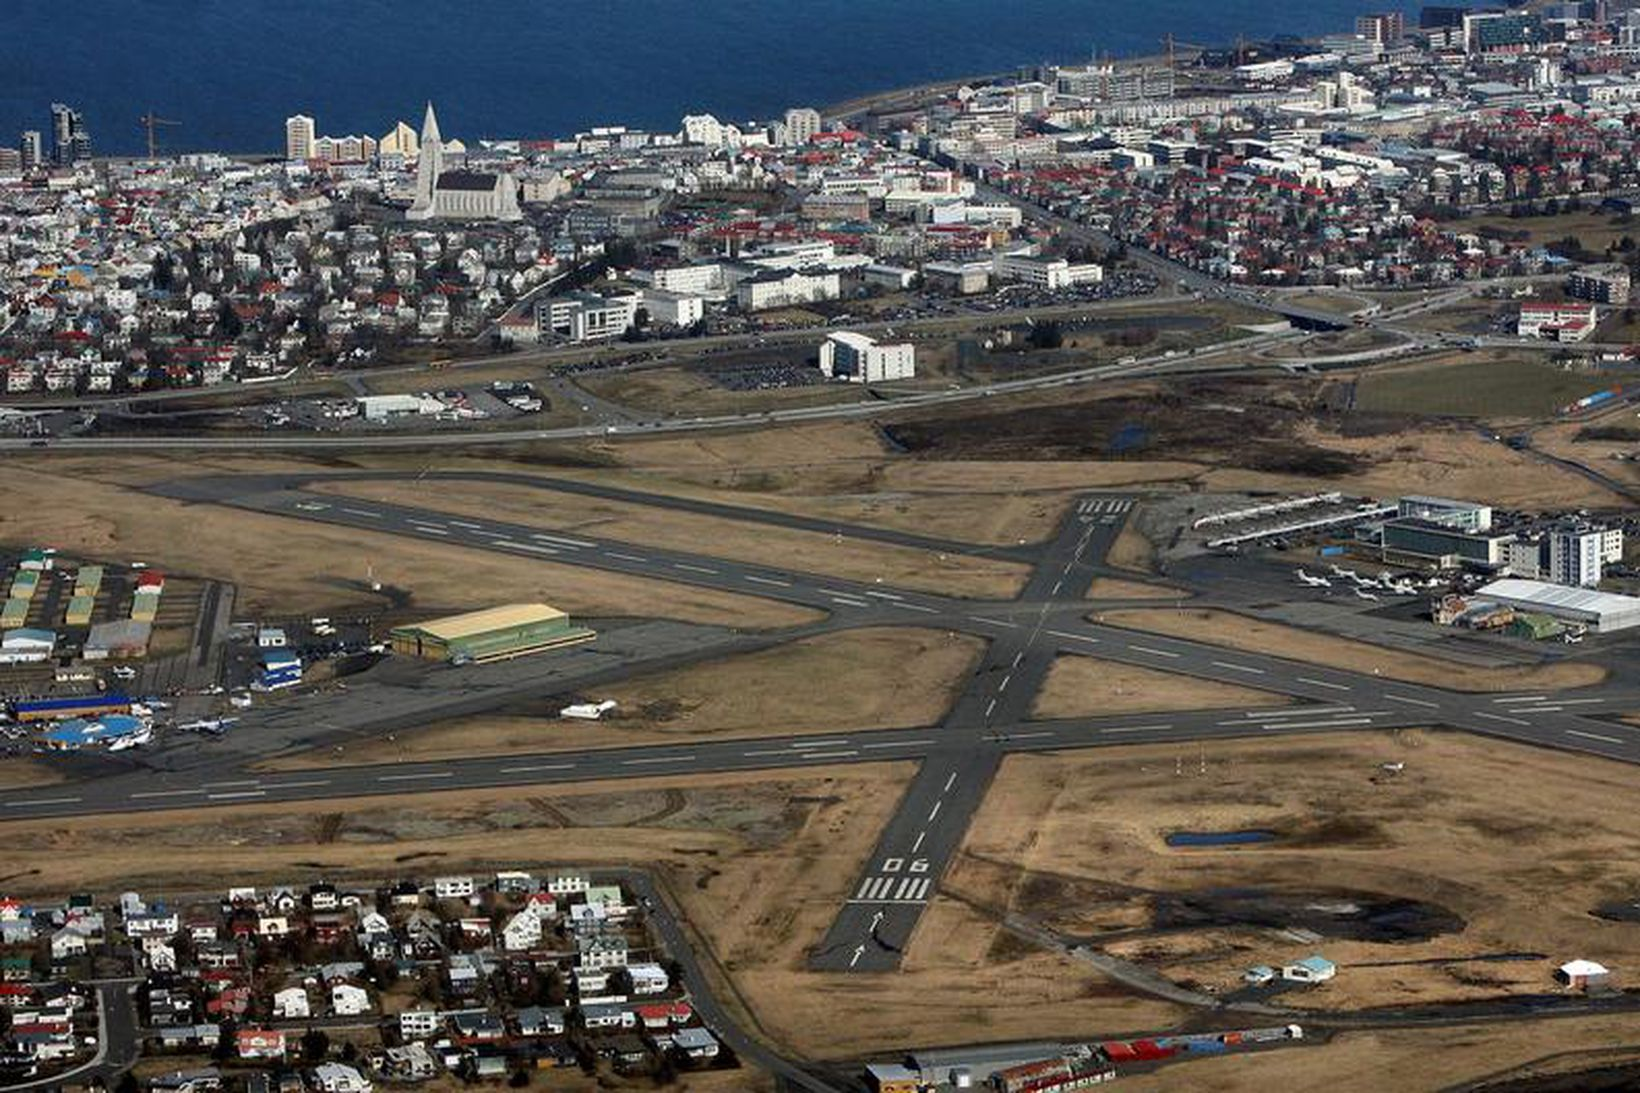 Píratar í Reykjavík leggja til að miðstöð innanlandsflugs flytjist úr …